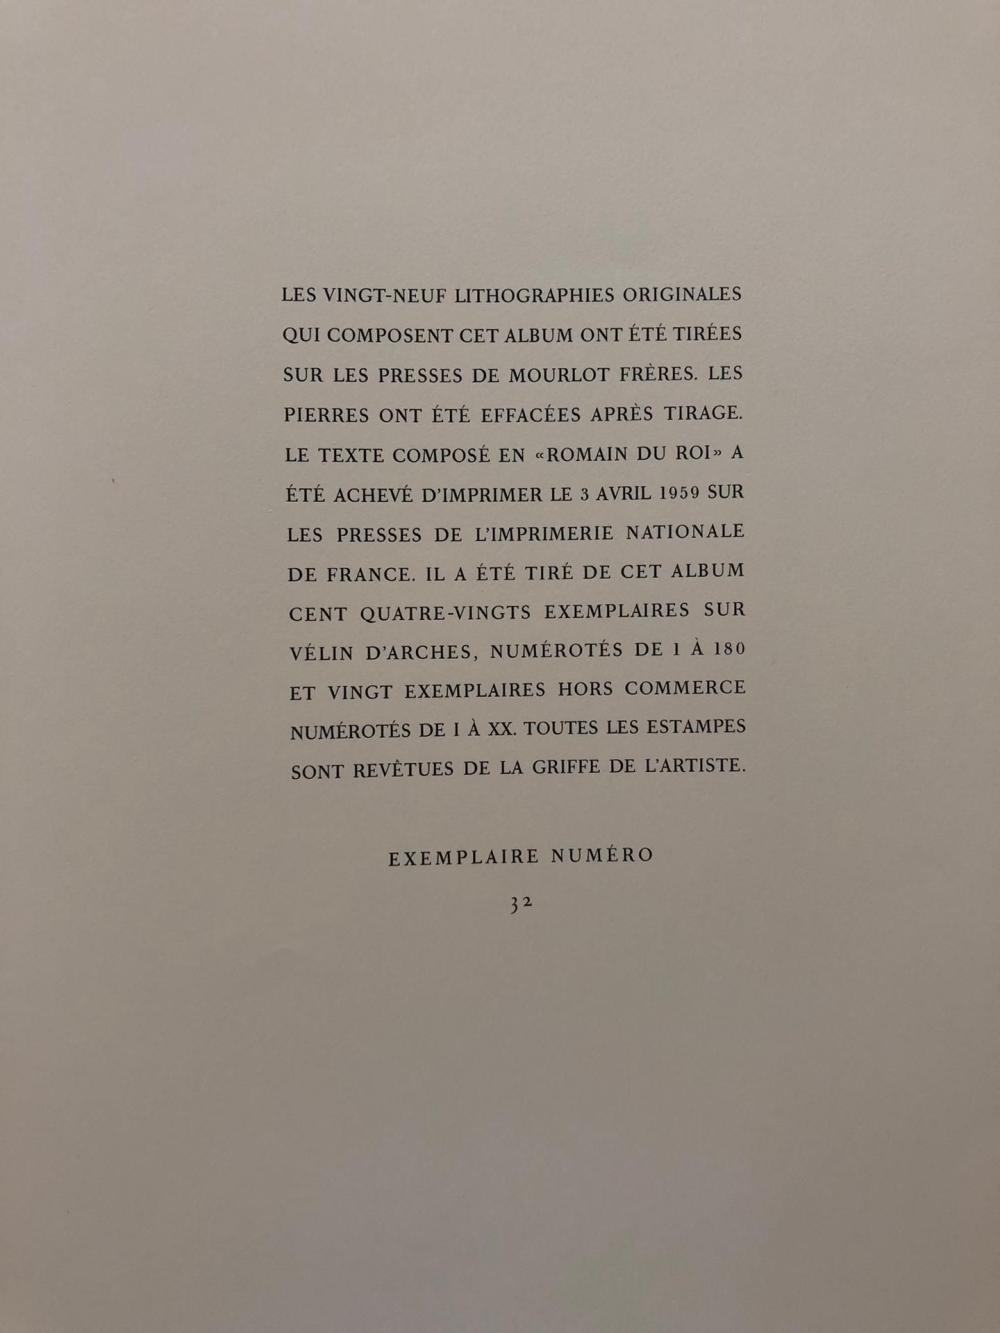 Fernand Léger - La rue, 1959